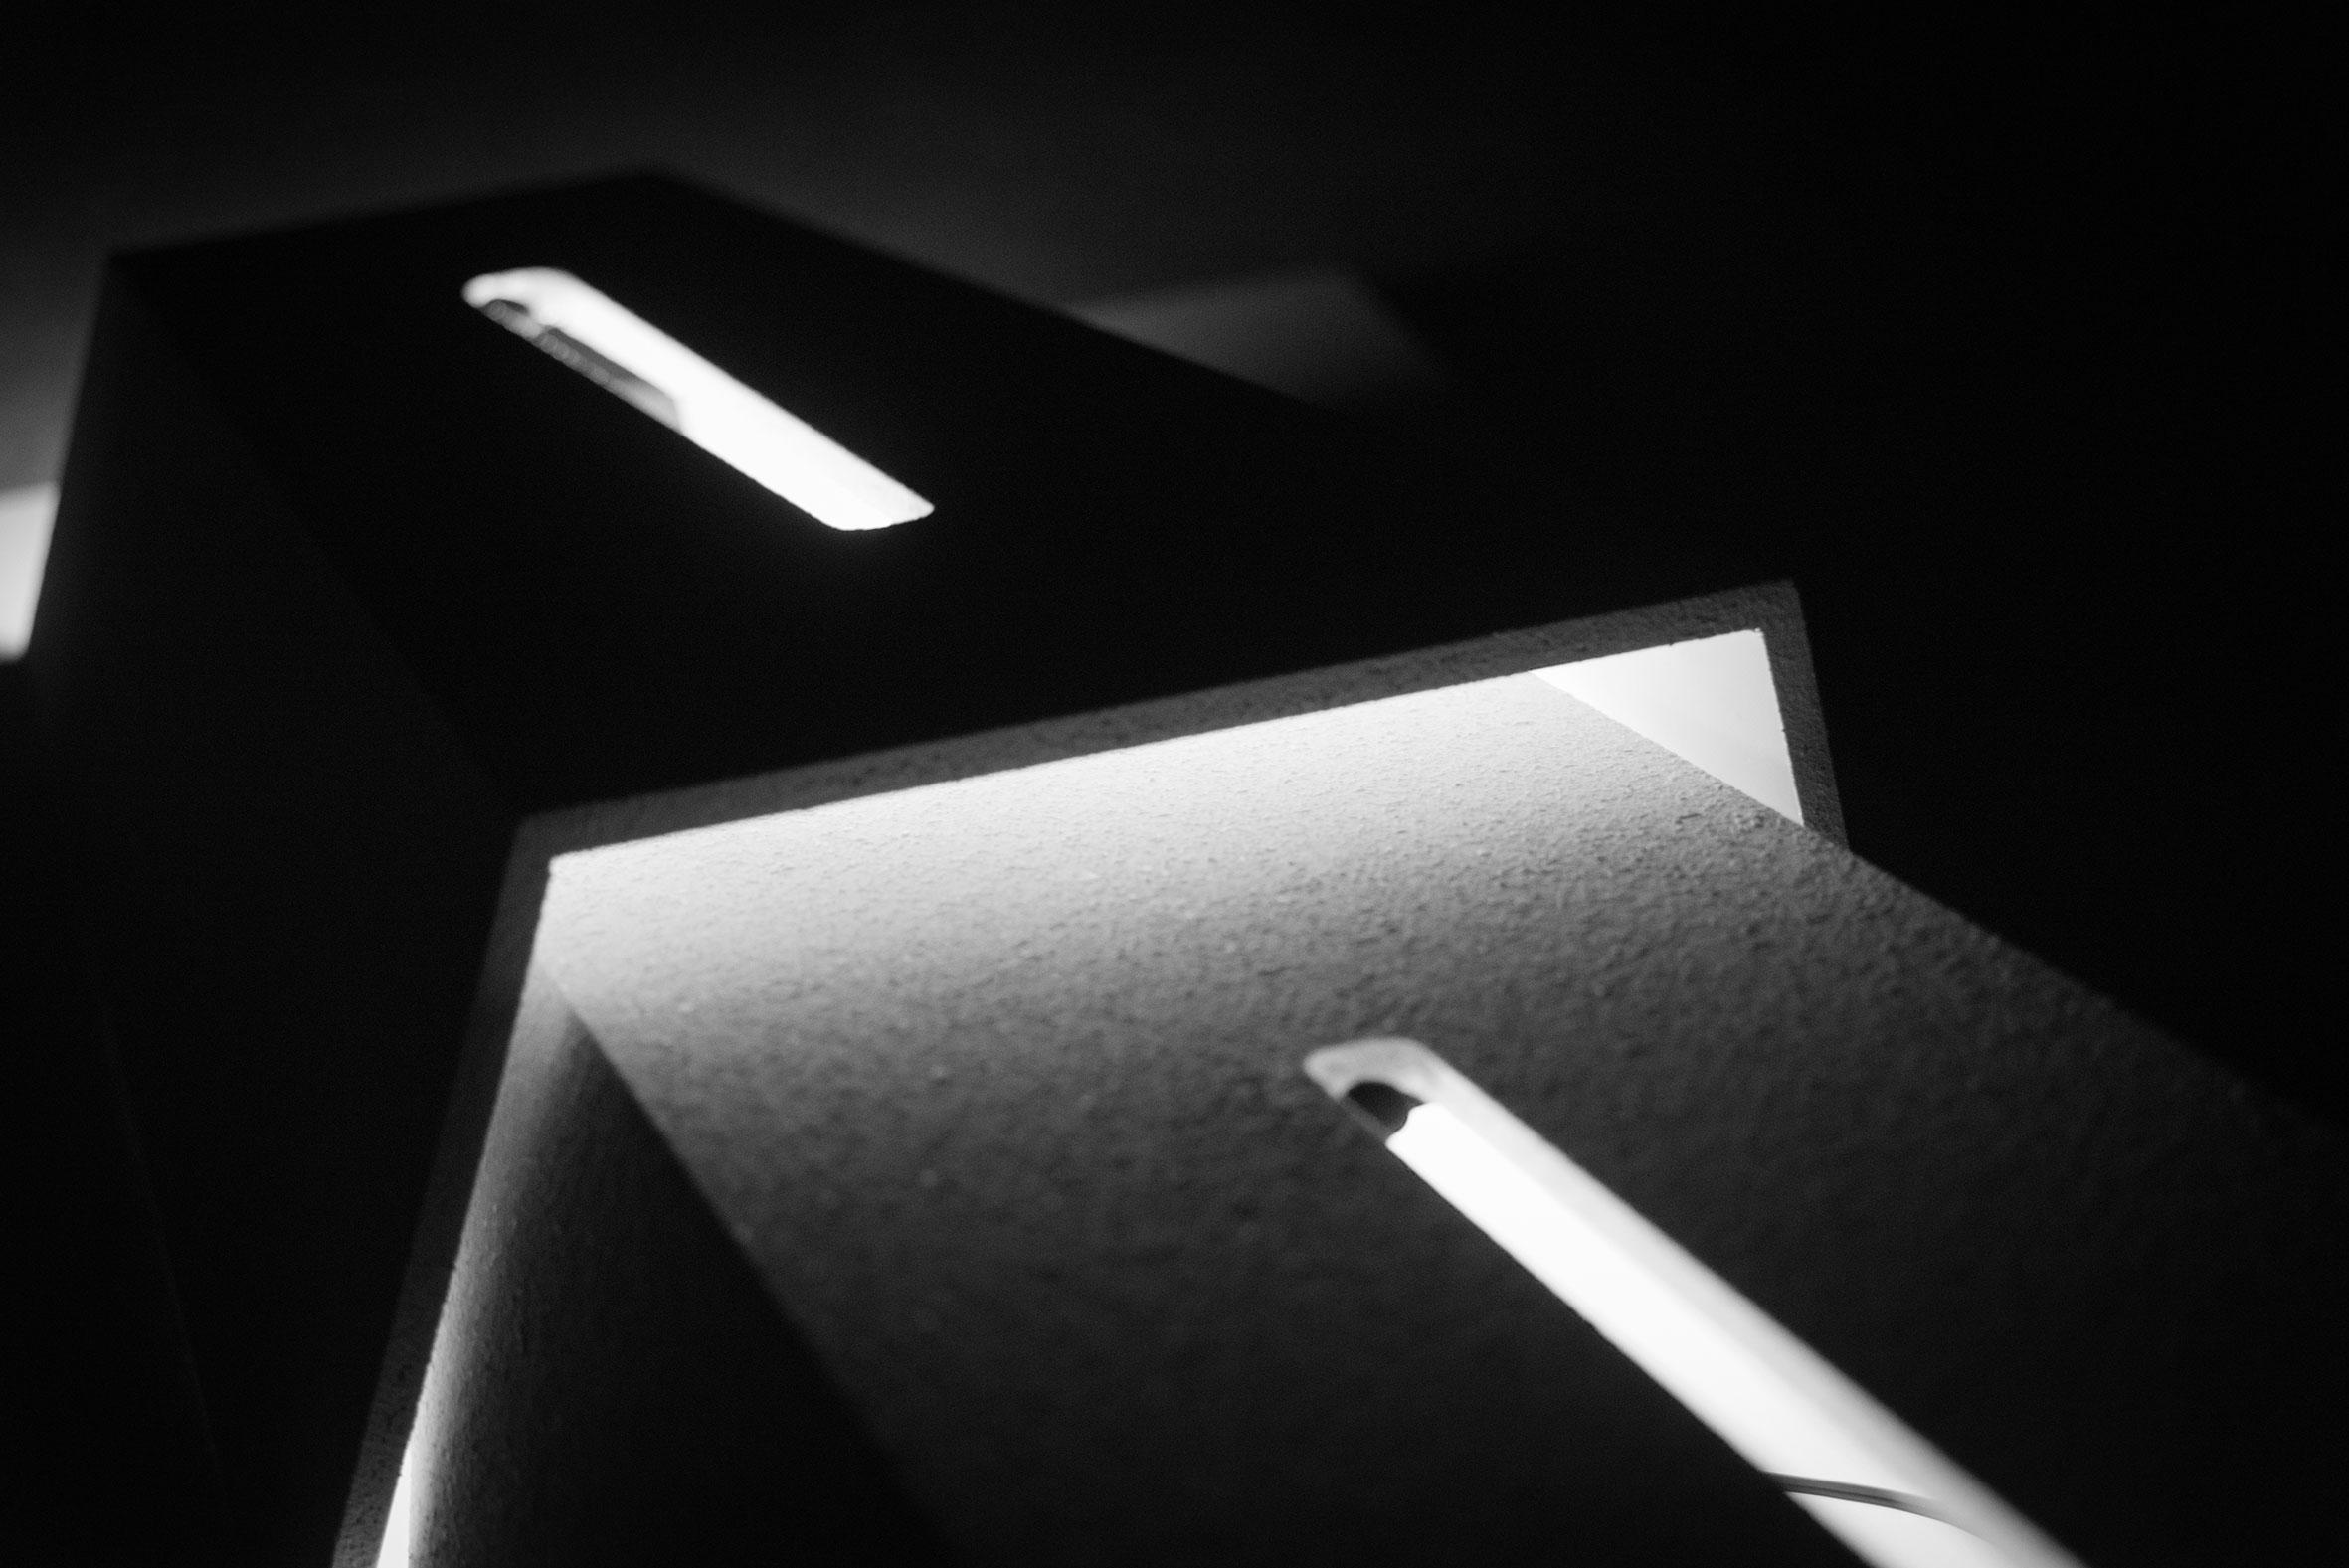 """instalacja dźwiękowa - makieta budynku dla """"Music for 18 musicians"""" Steva Reicha"""